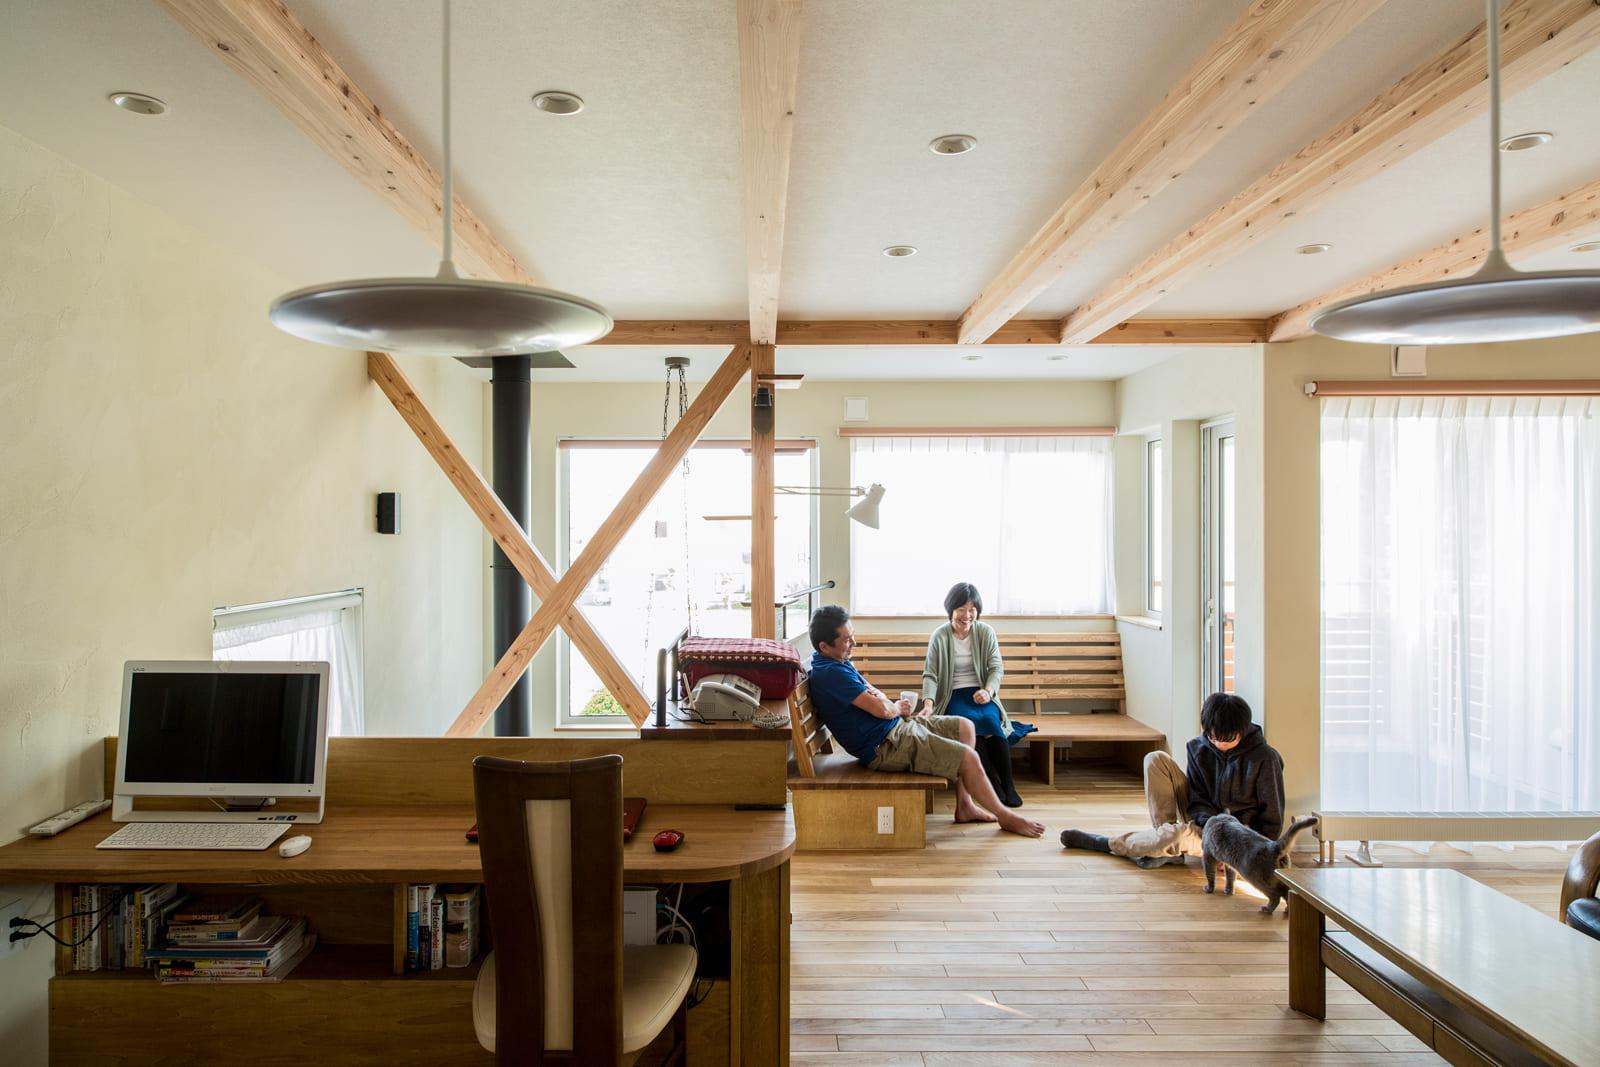 2階のリビングは開口部がふんだんに設けられ、明るく風通しのいい空間に。柱の一部をキャットツリーにしている